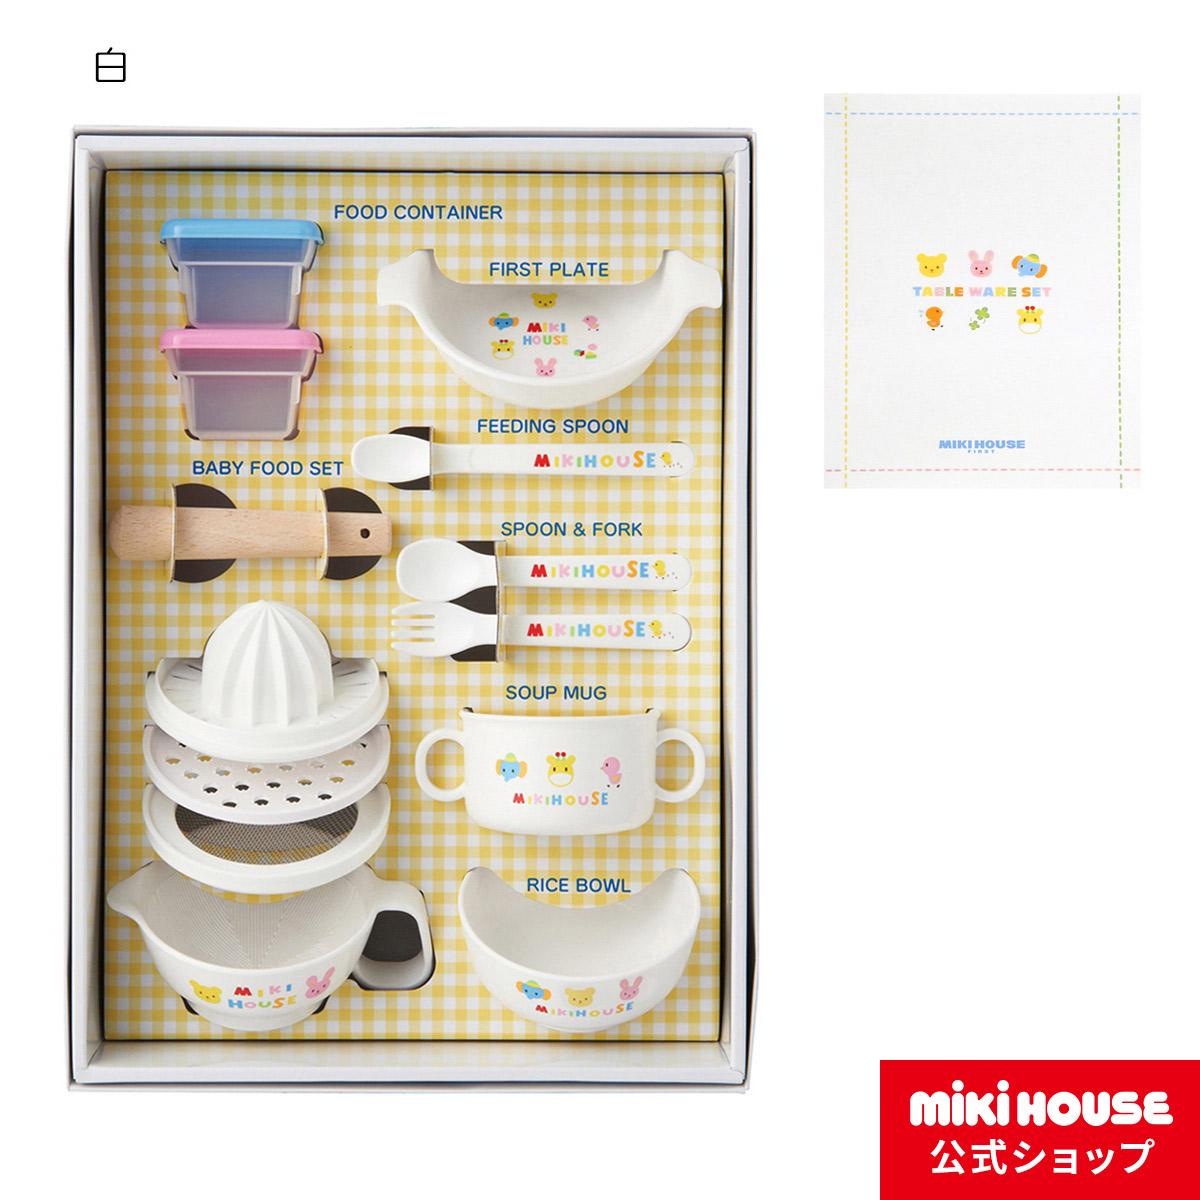 ミキハウス テーブルウェアセット (離乳食 食器セット)